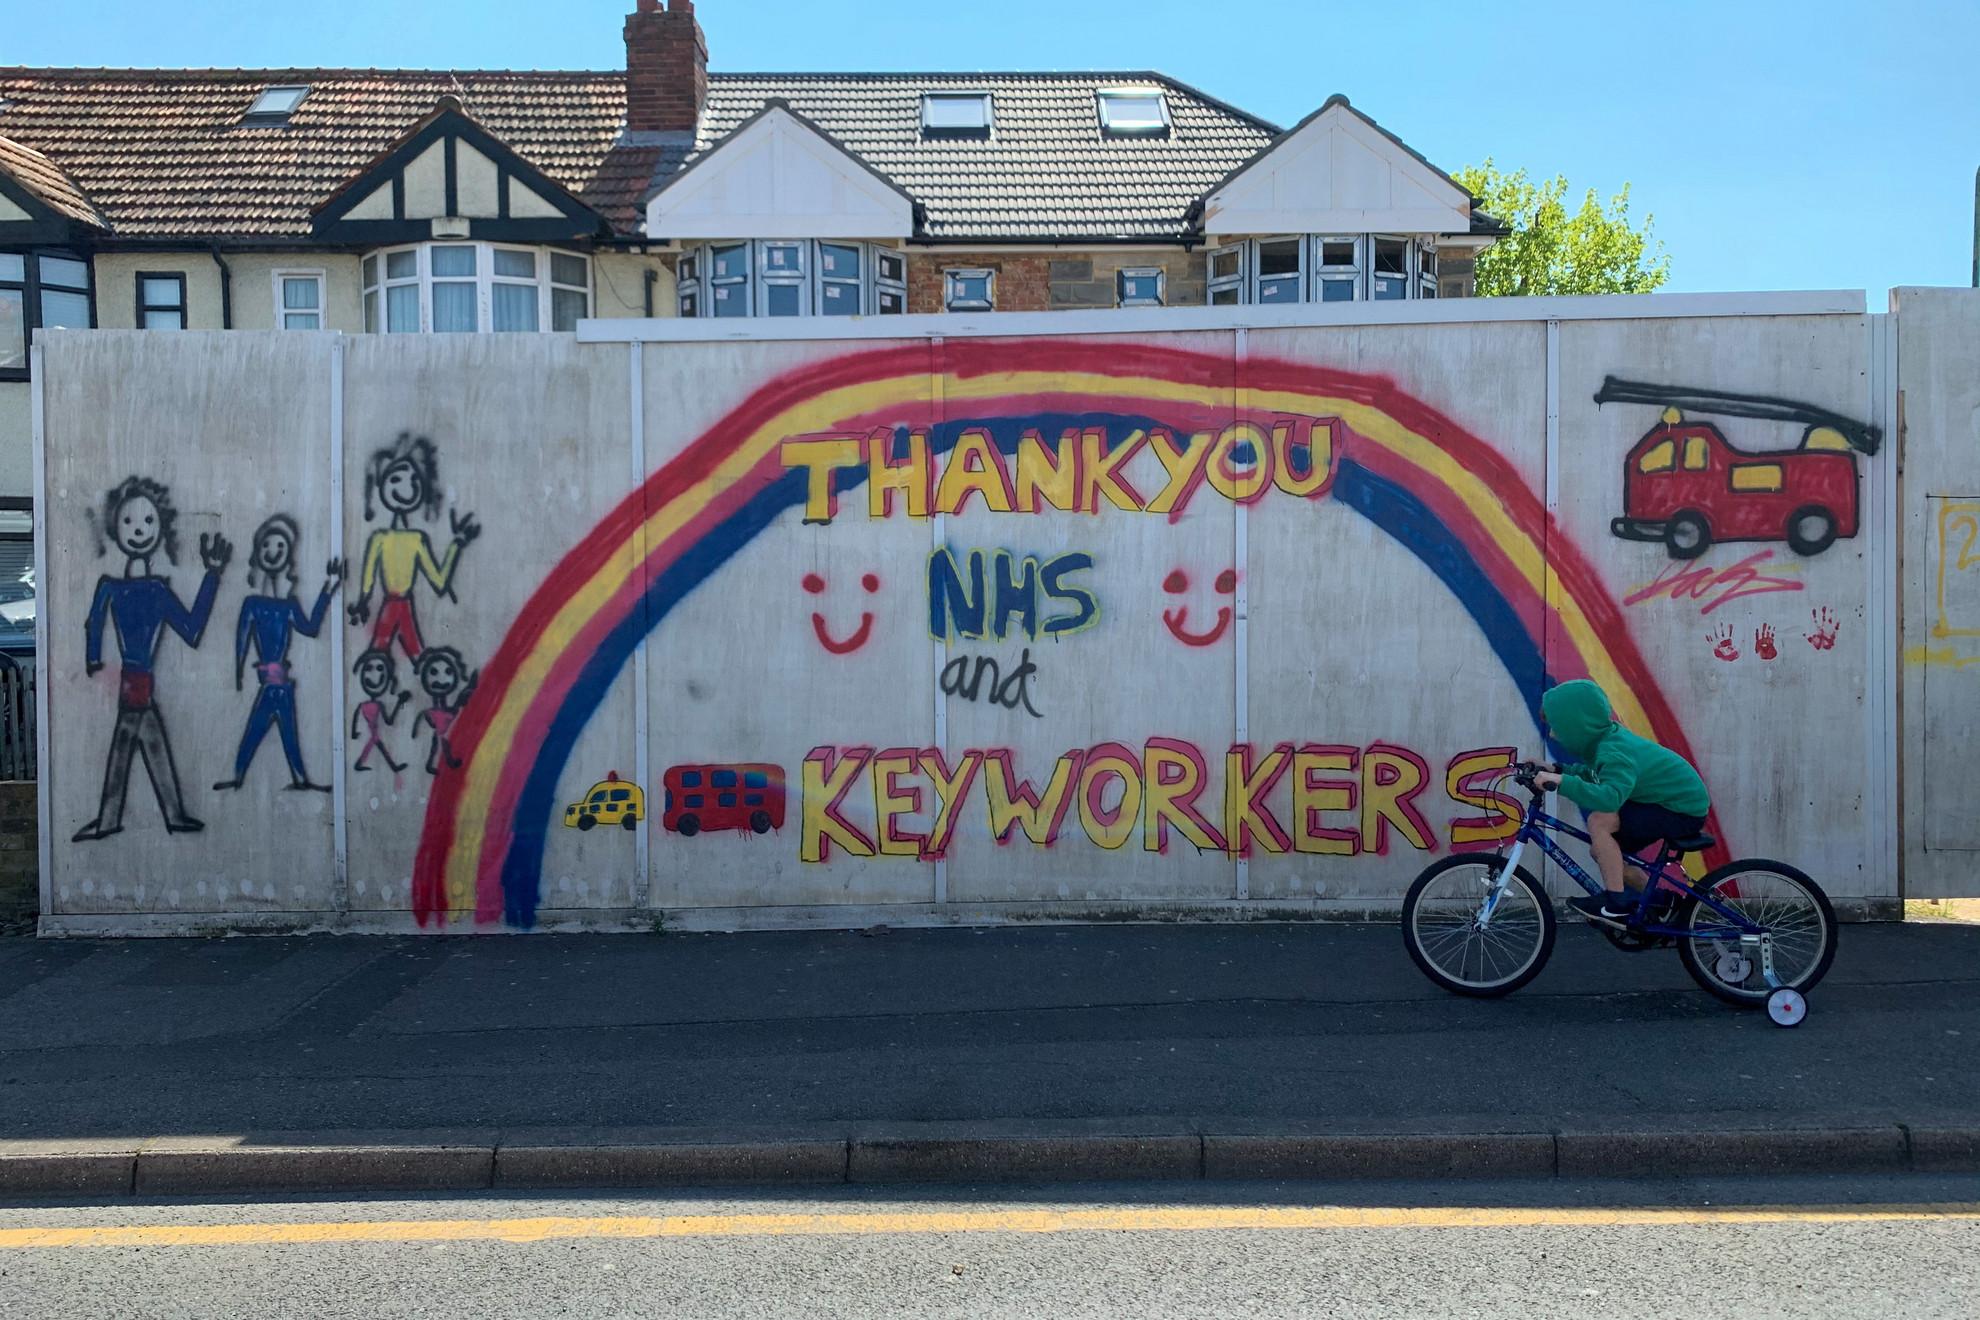 Köszönetnyilvánítás az egészségügyben dolgozók felé Londonban